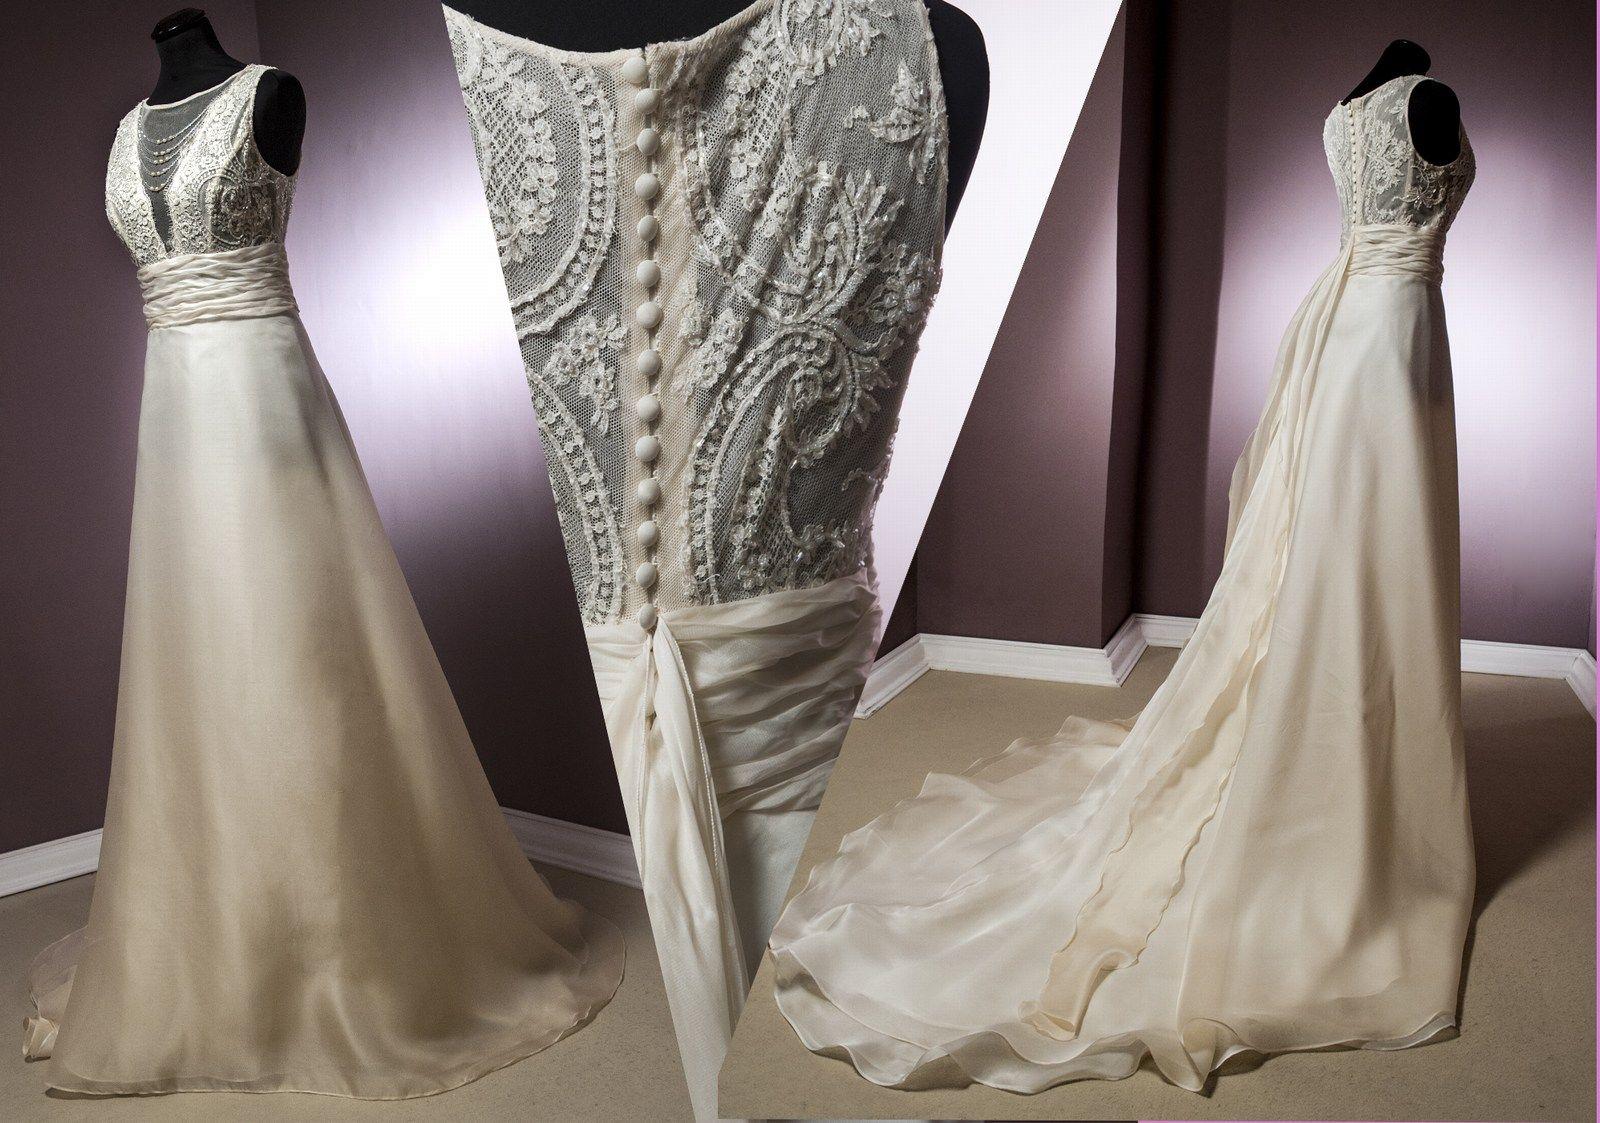 baccf15cccb6 Sweet collection - Abiti da Sposa - Oreliete Spose